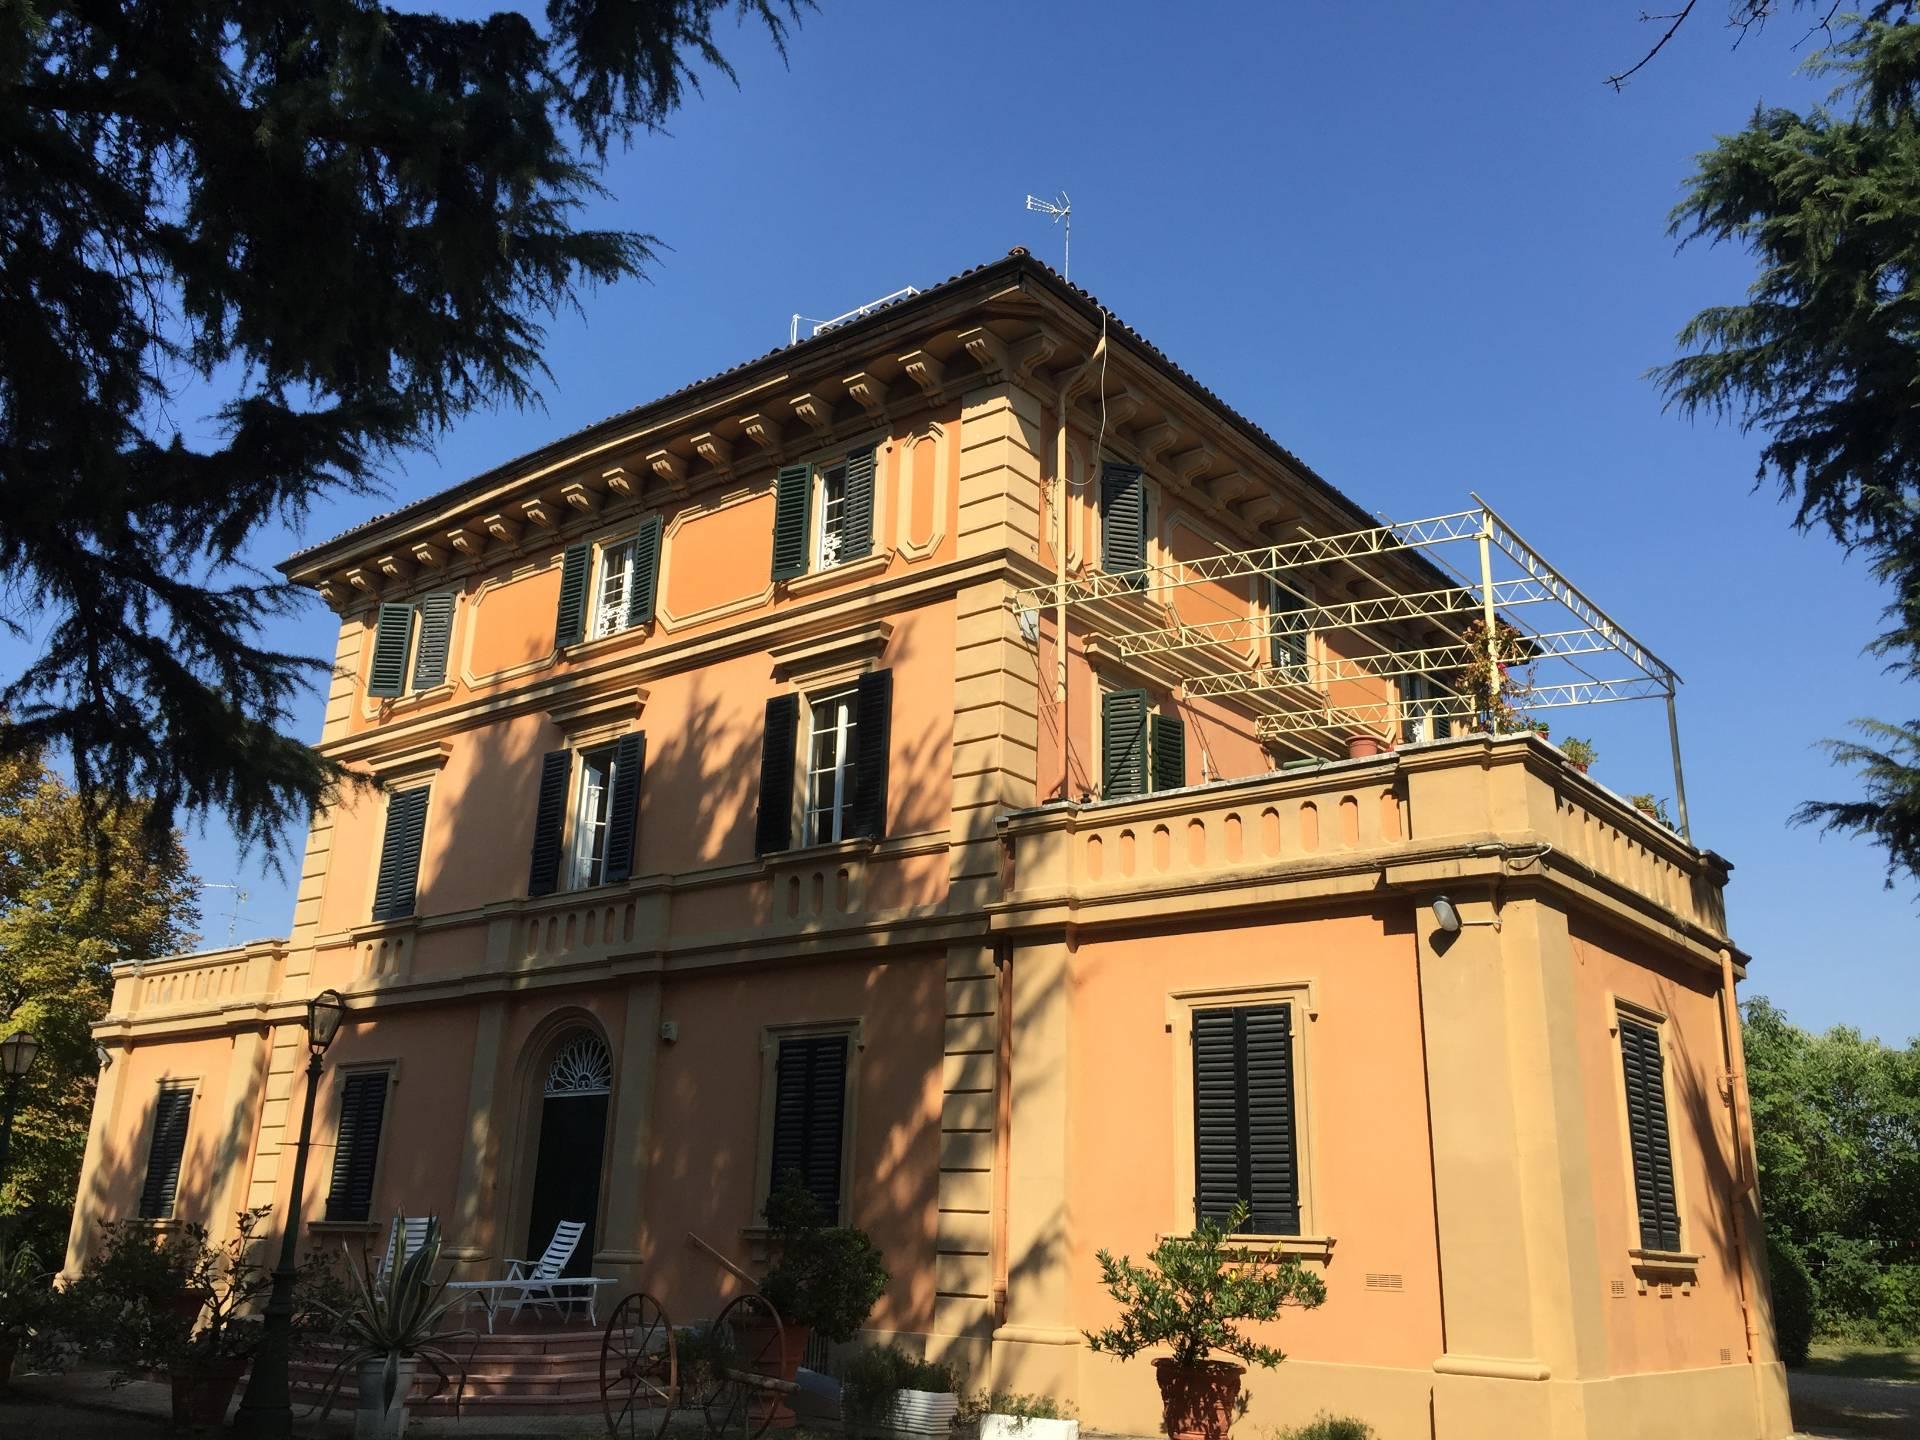 Appartamento In Villa In Vendita A San Lazzaro Di Savena Cod